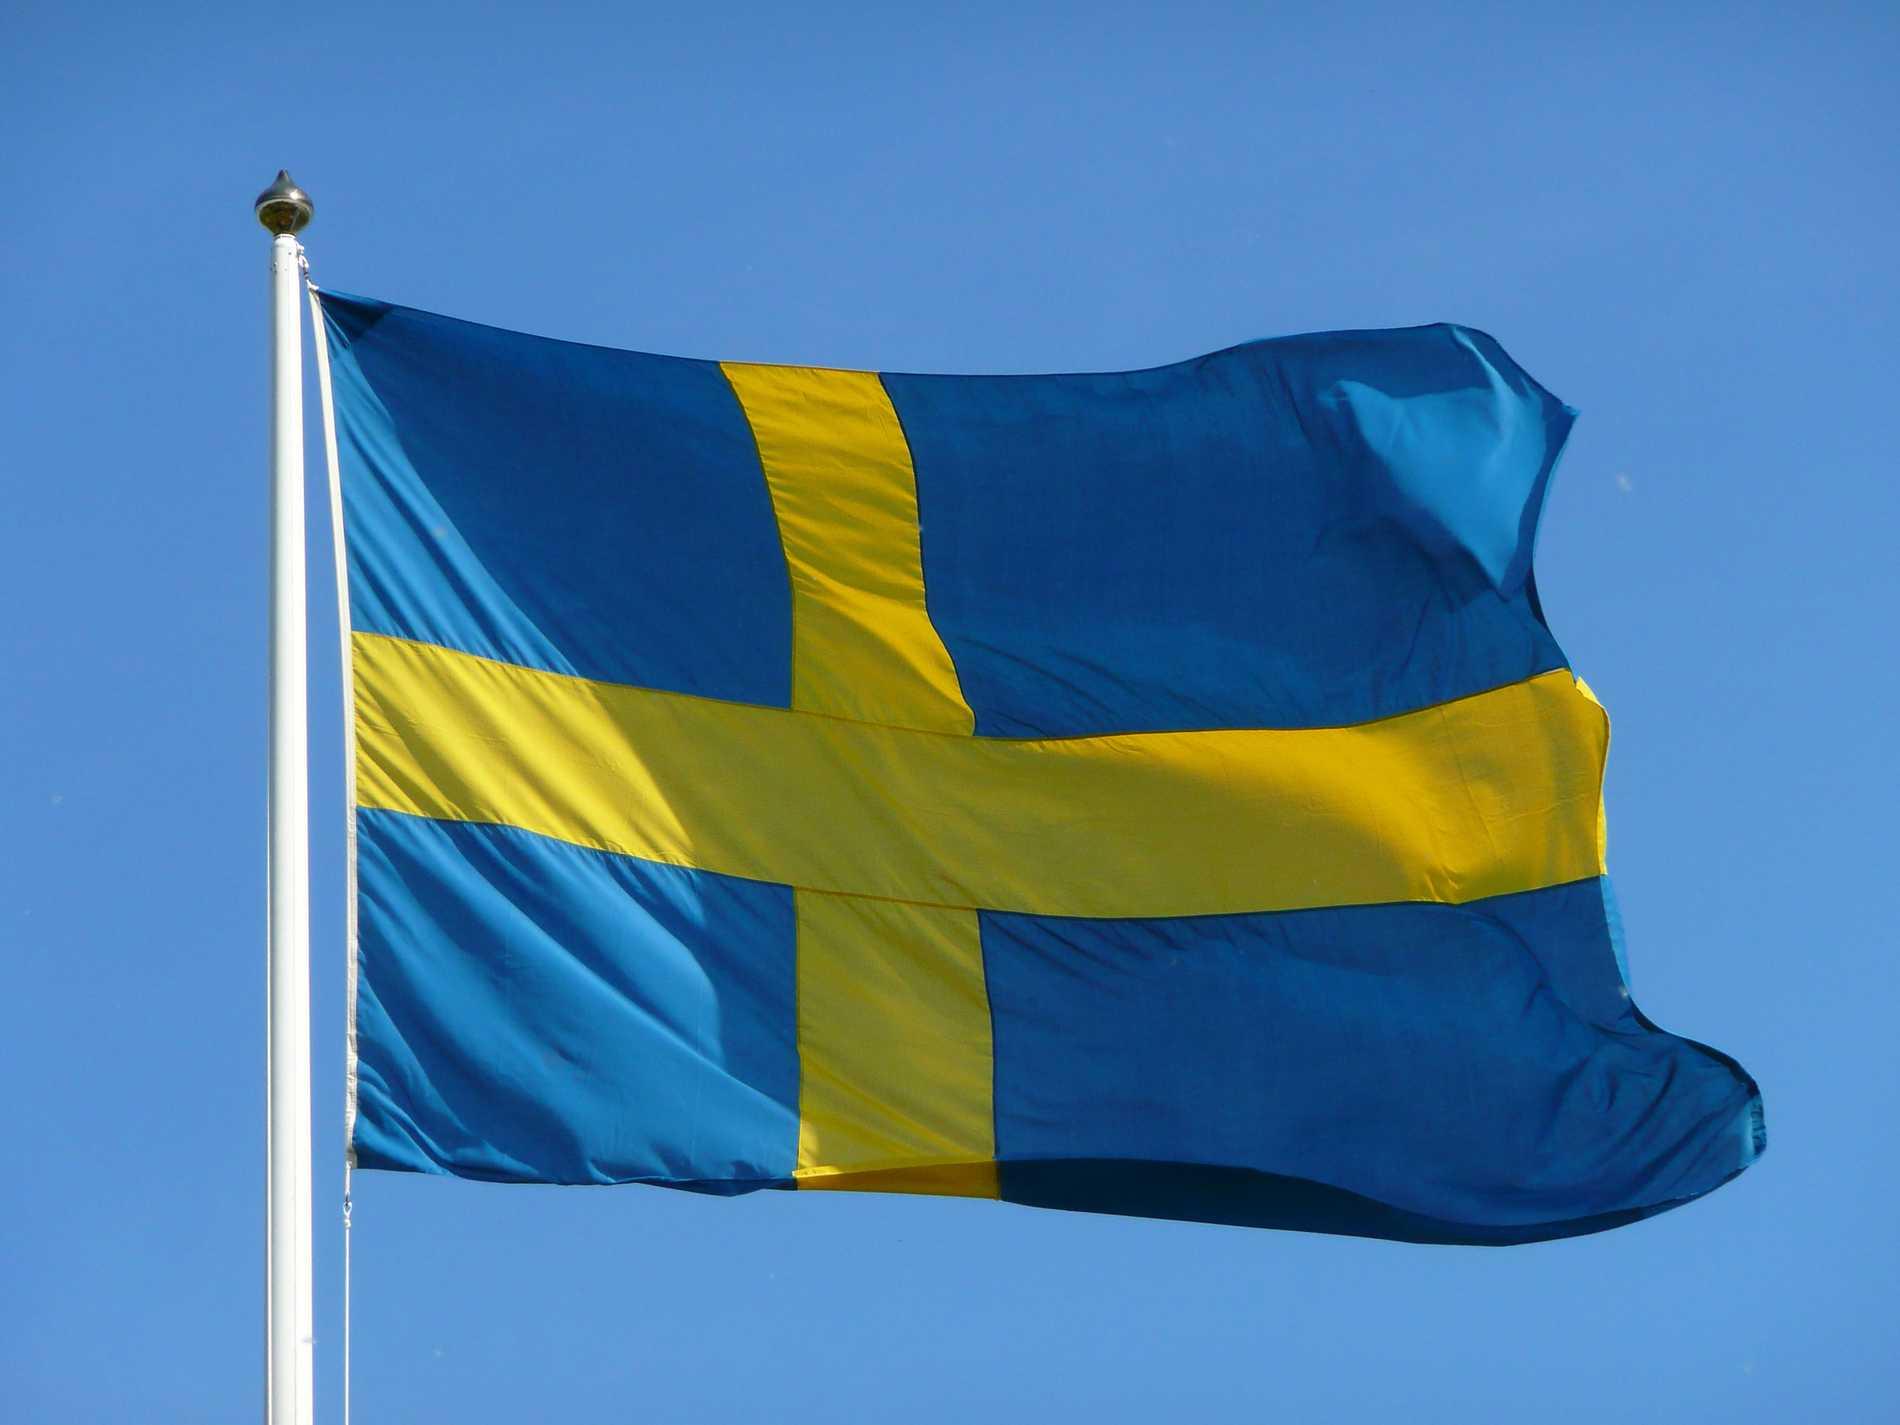 I år har det blivit lag på att varje kommun en gång per år måste anordna en medborgarskapsceremoni för att högtidlighålla nya svenska medborgare och markera medborgarskapets betydelse.